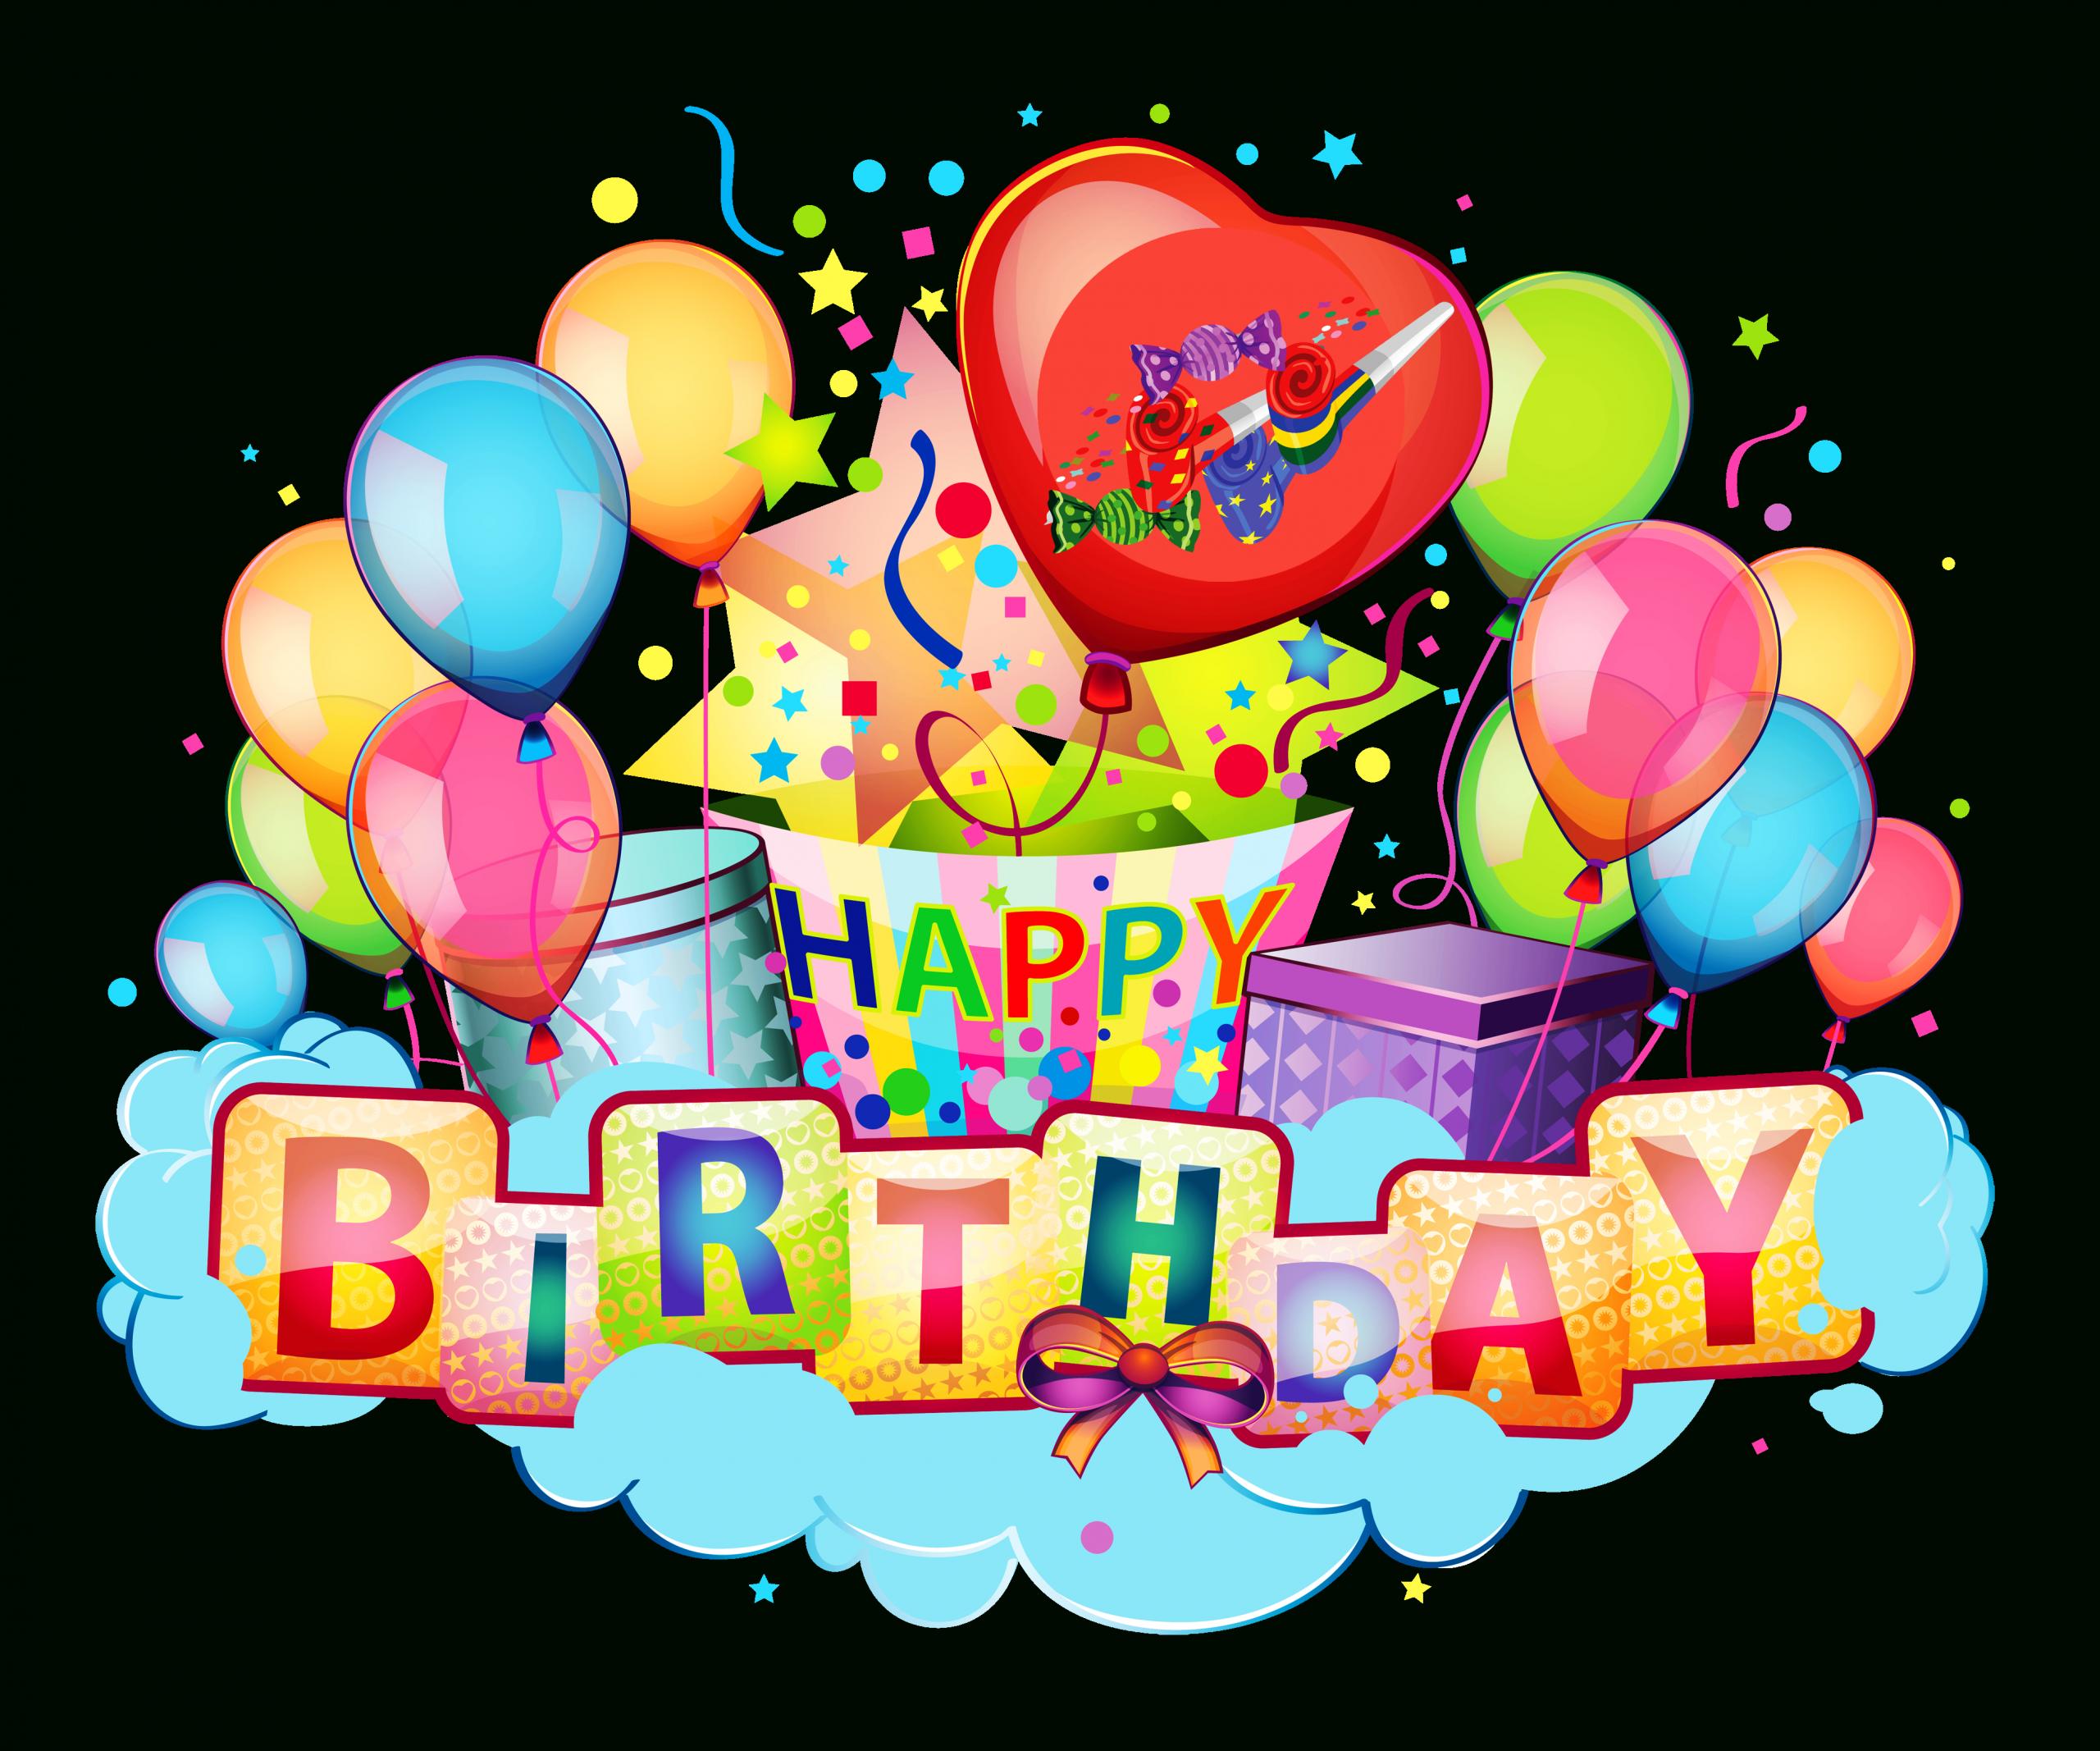 Library Of Clips Zum Geburtstag Kostenlos Png Files mit Cliparts Geburtstag Kostenlos